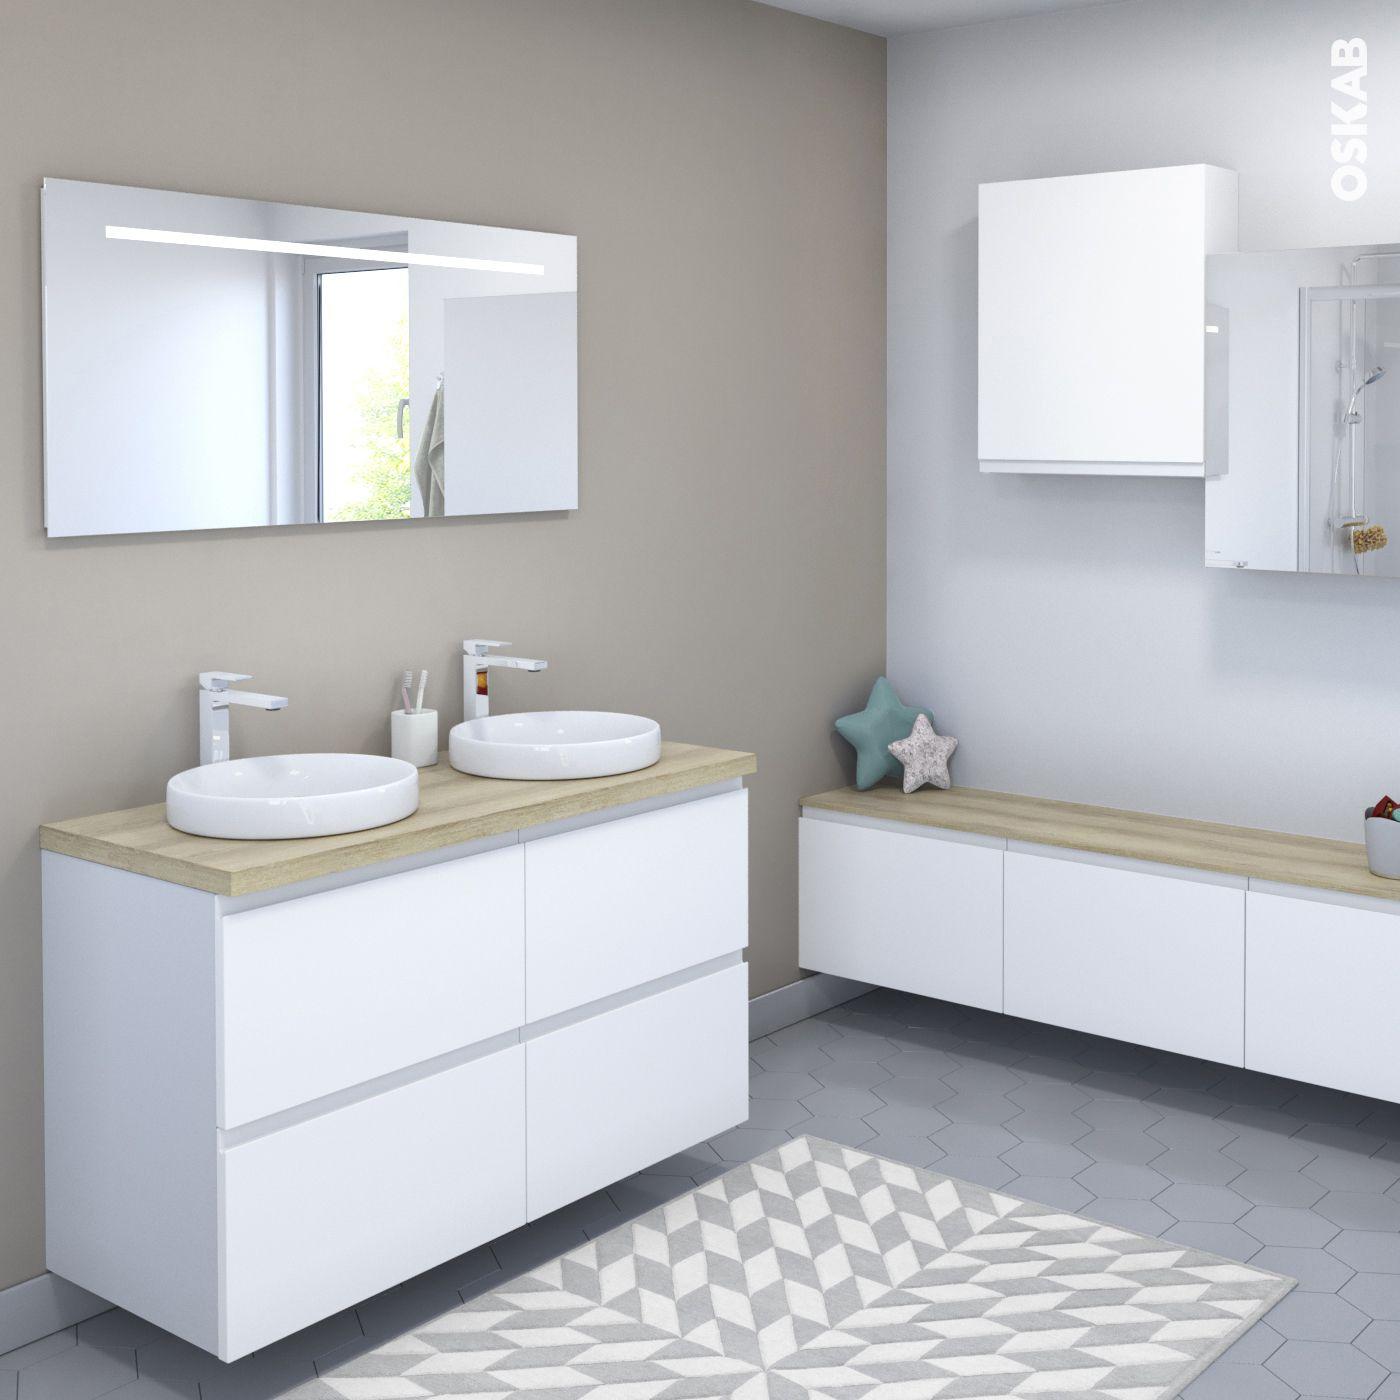 Plan De Toilette Salle De Bain ensemble salle de bains meuble ipoma blanc mat plan de